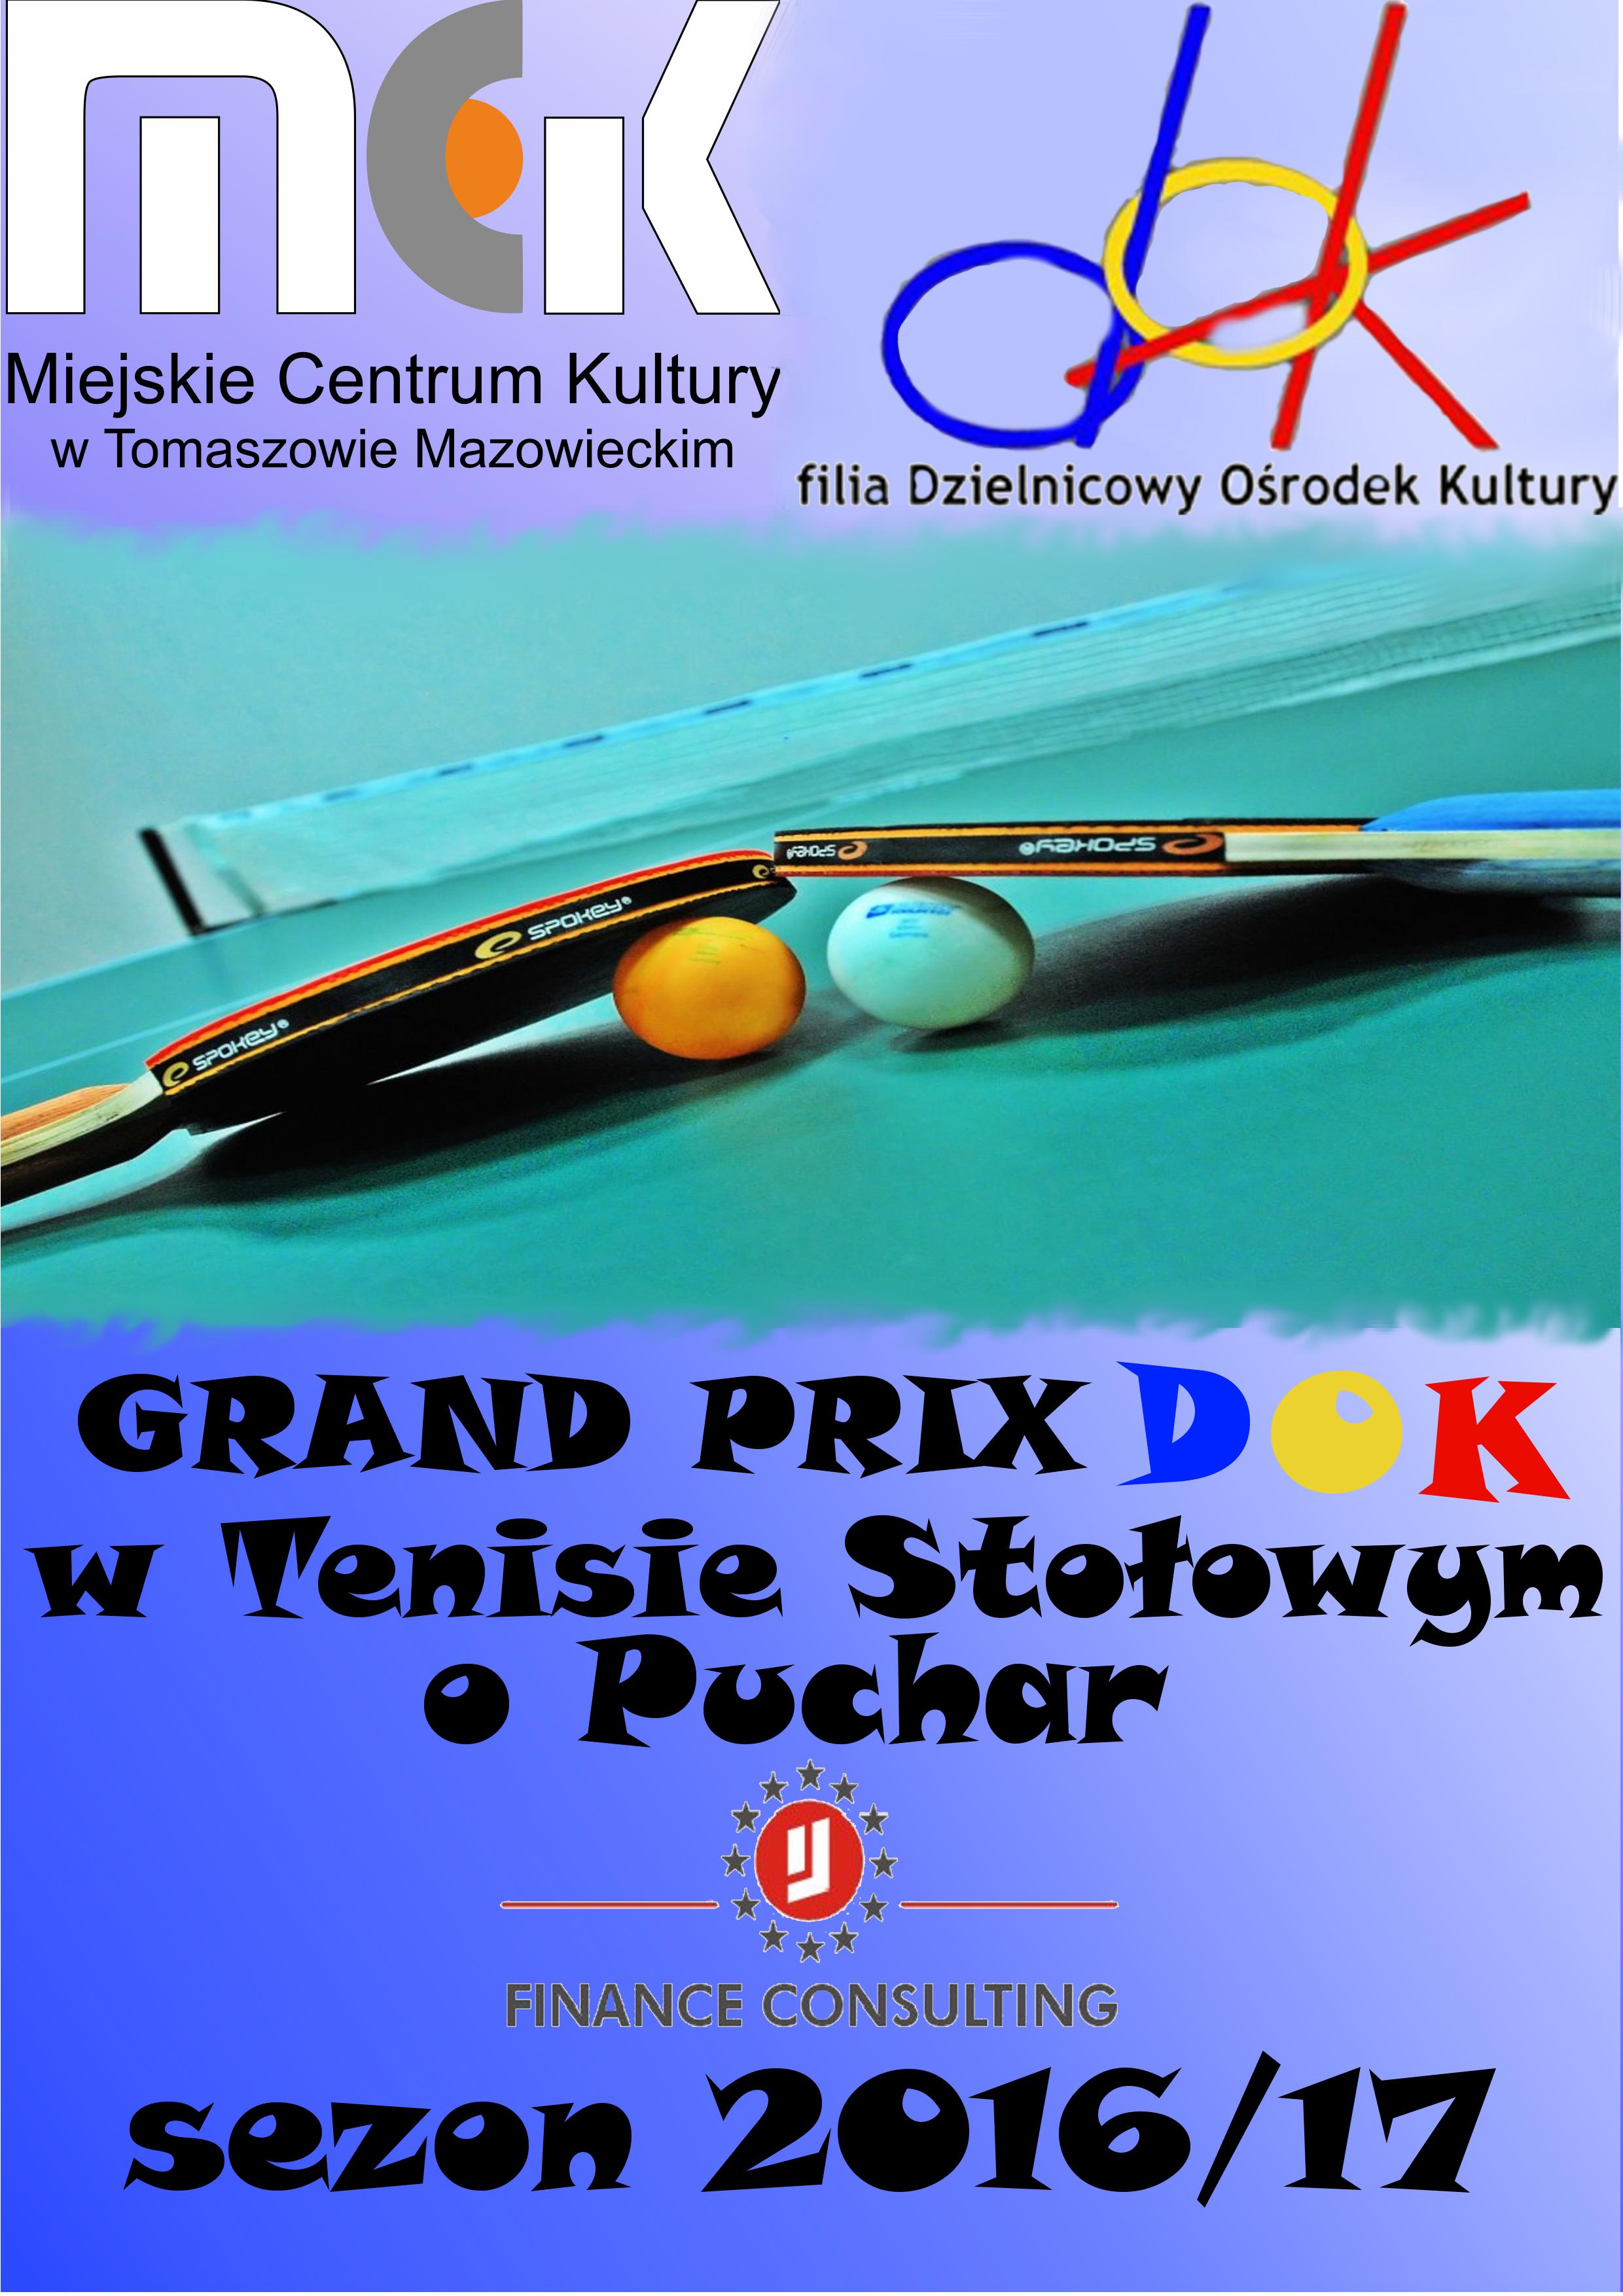 Plakat z informacjami o zawodach